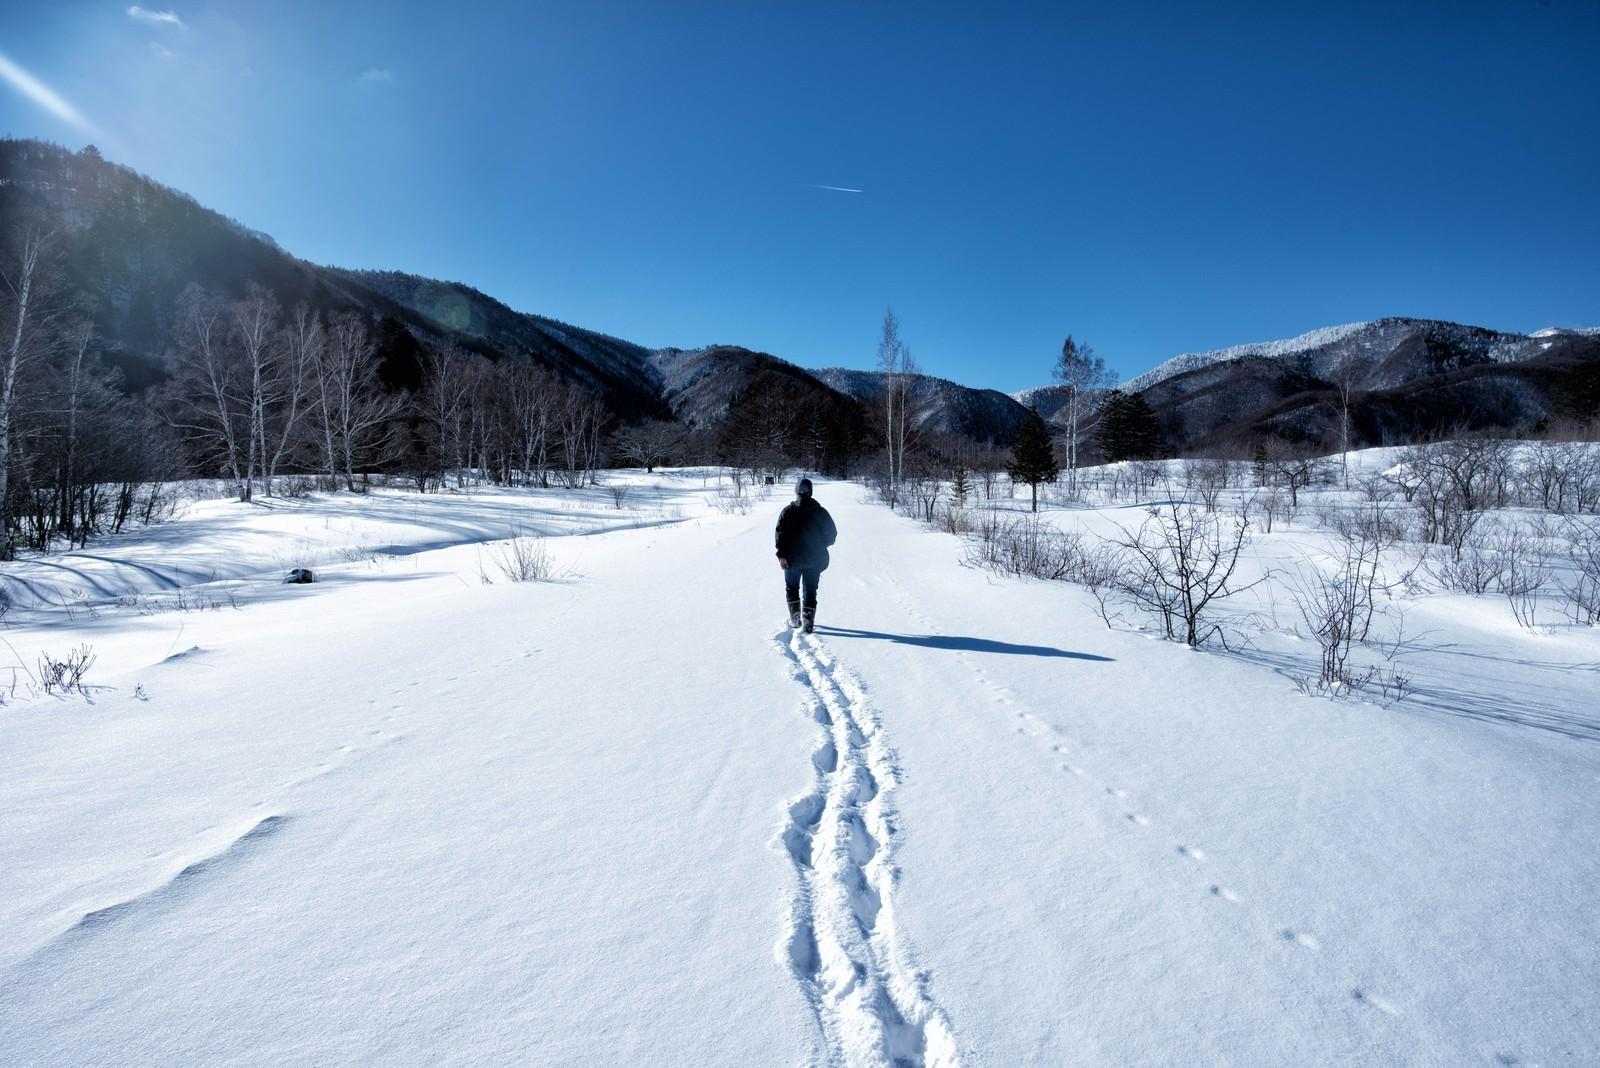 「新雪の雪原を歩く人」の写真